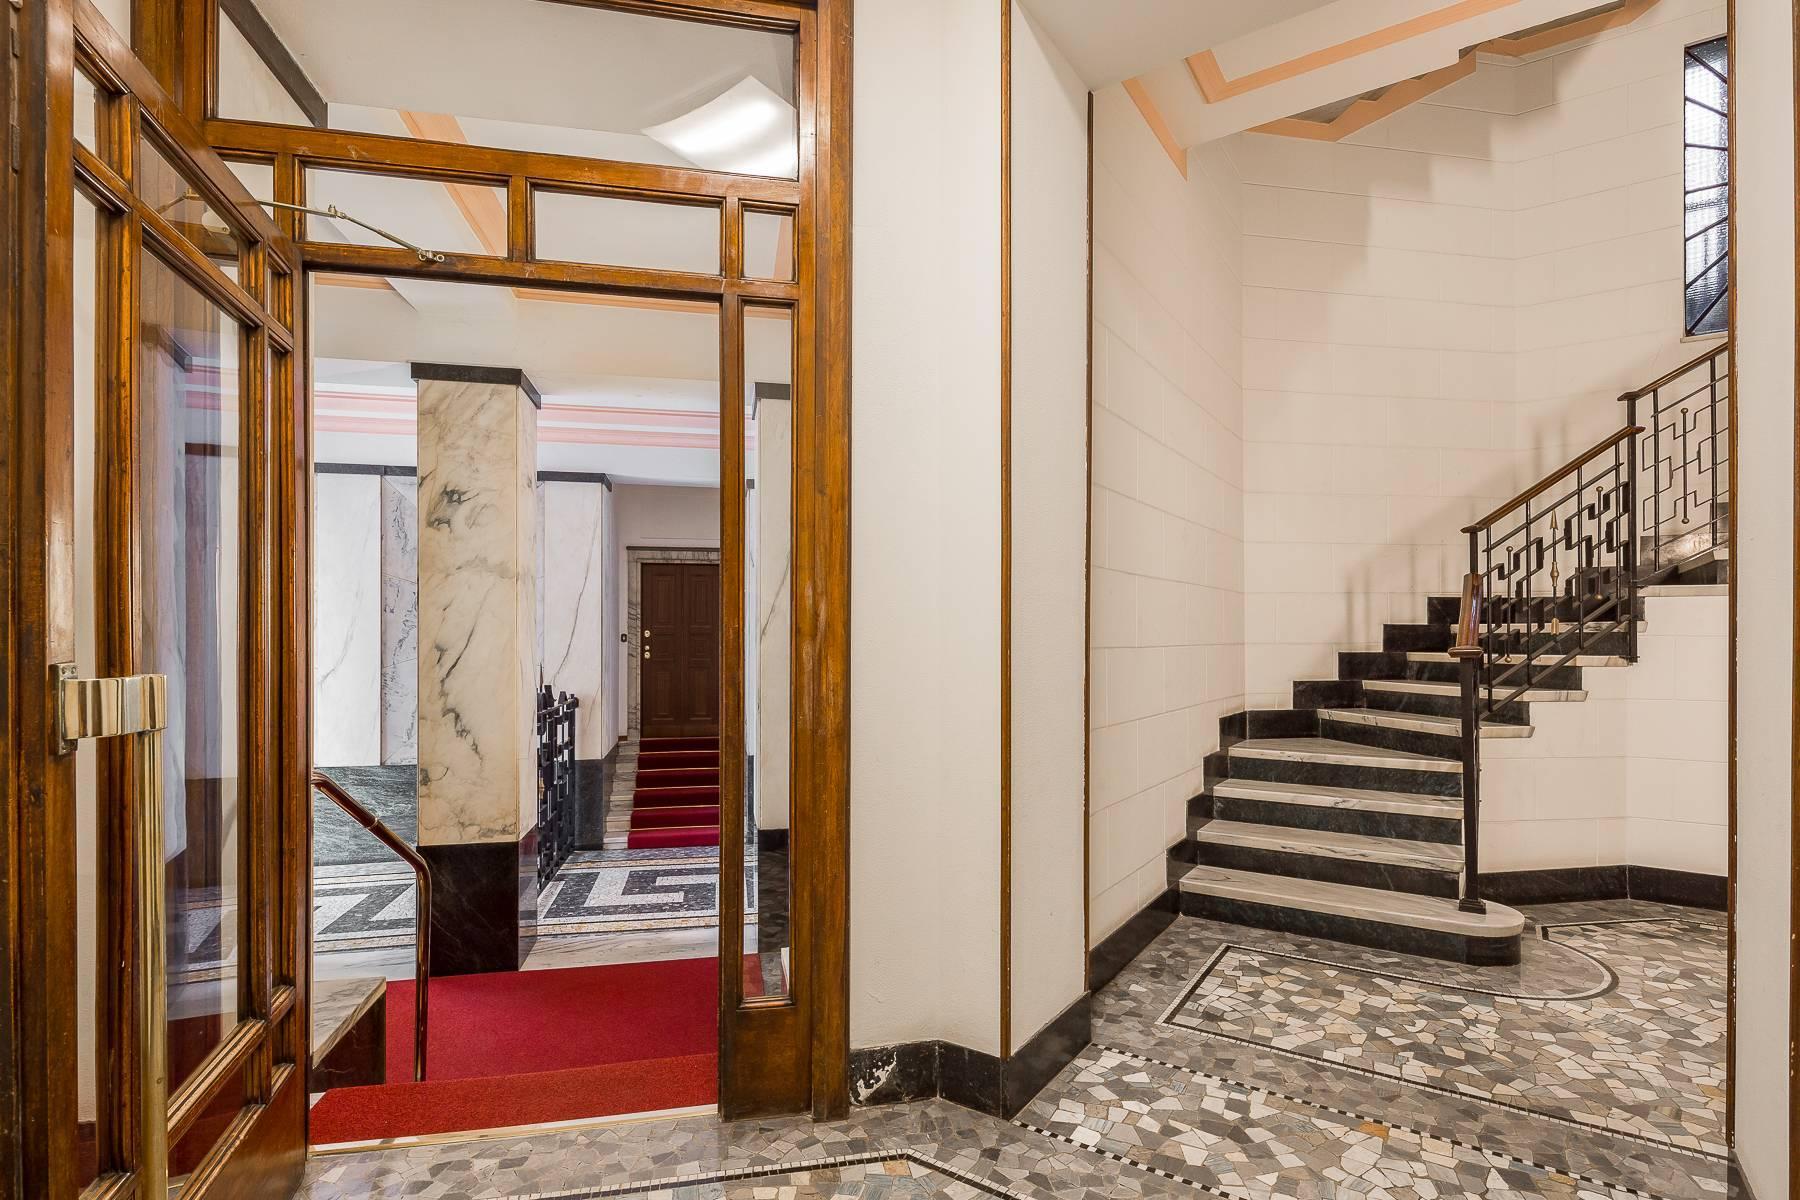 Appartamento esclusivo di 200 mq in nuda proprietà in un palazzo d'epoca - 13